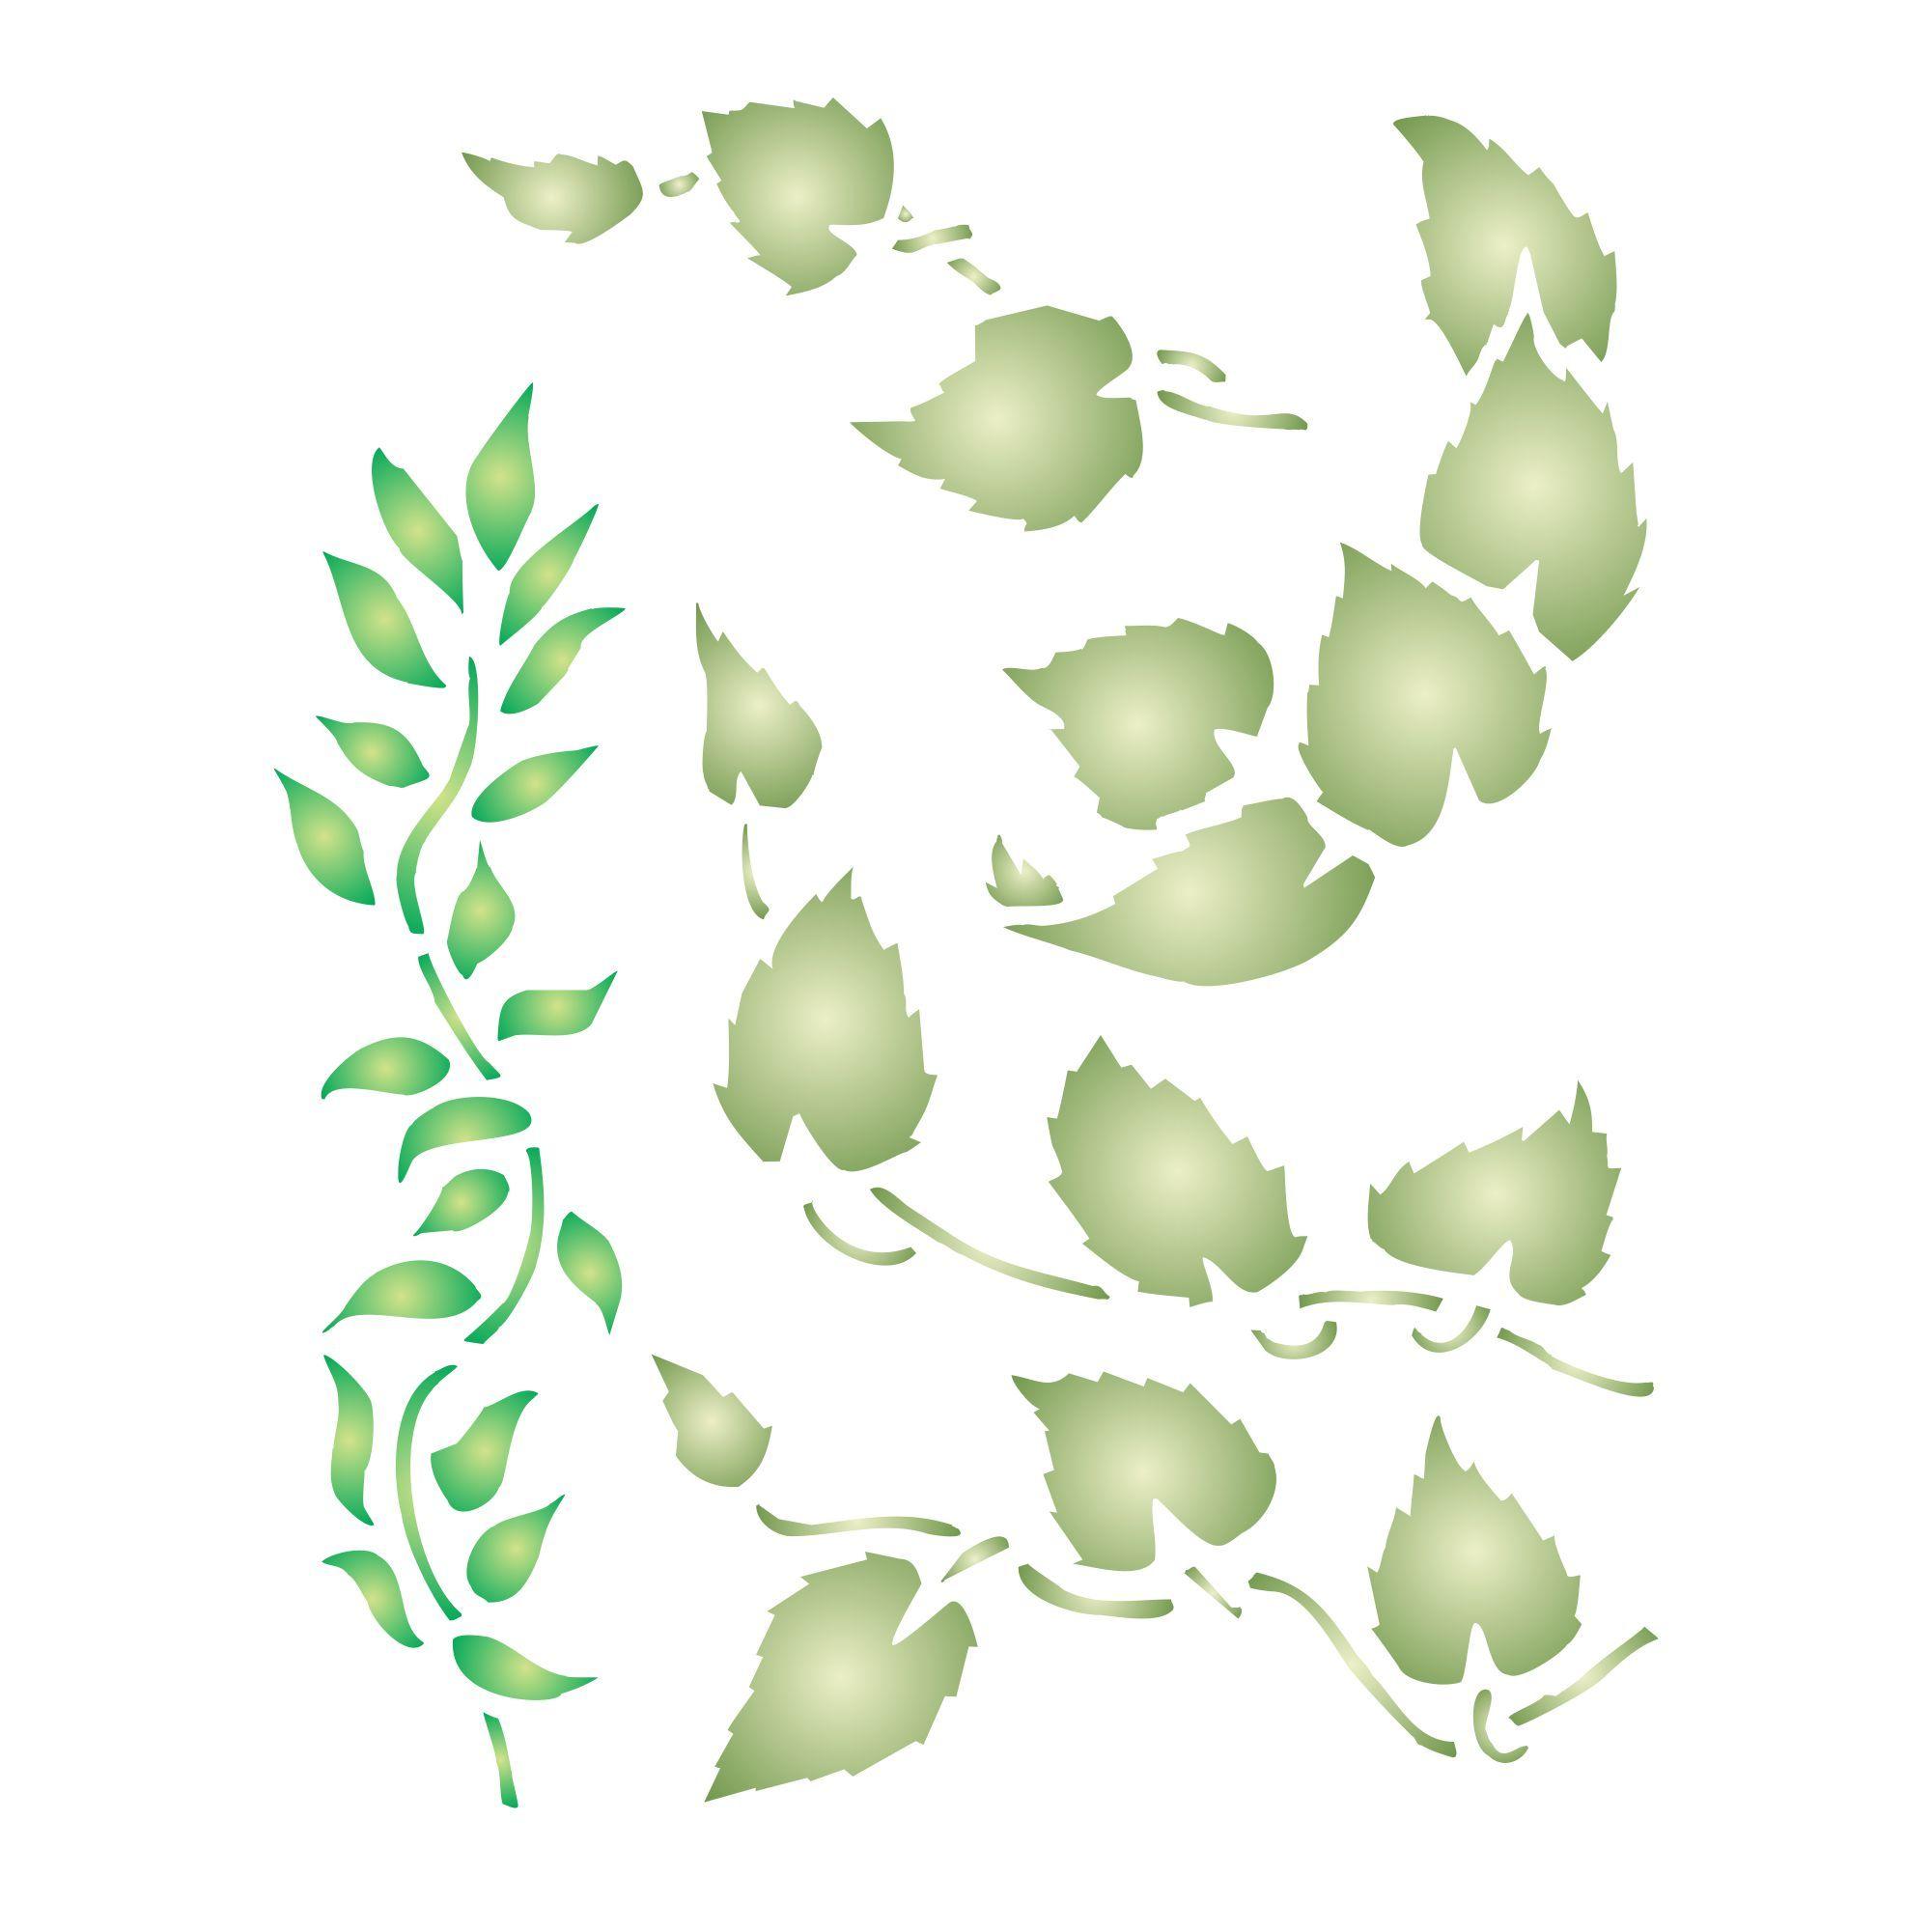 Leaf Stencil Http Www Amazon Com Dp B00y71qipe M A1seuoz4t4hcbd Leaf Stencil Stencil Painting Stencils